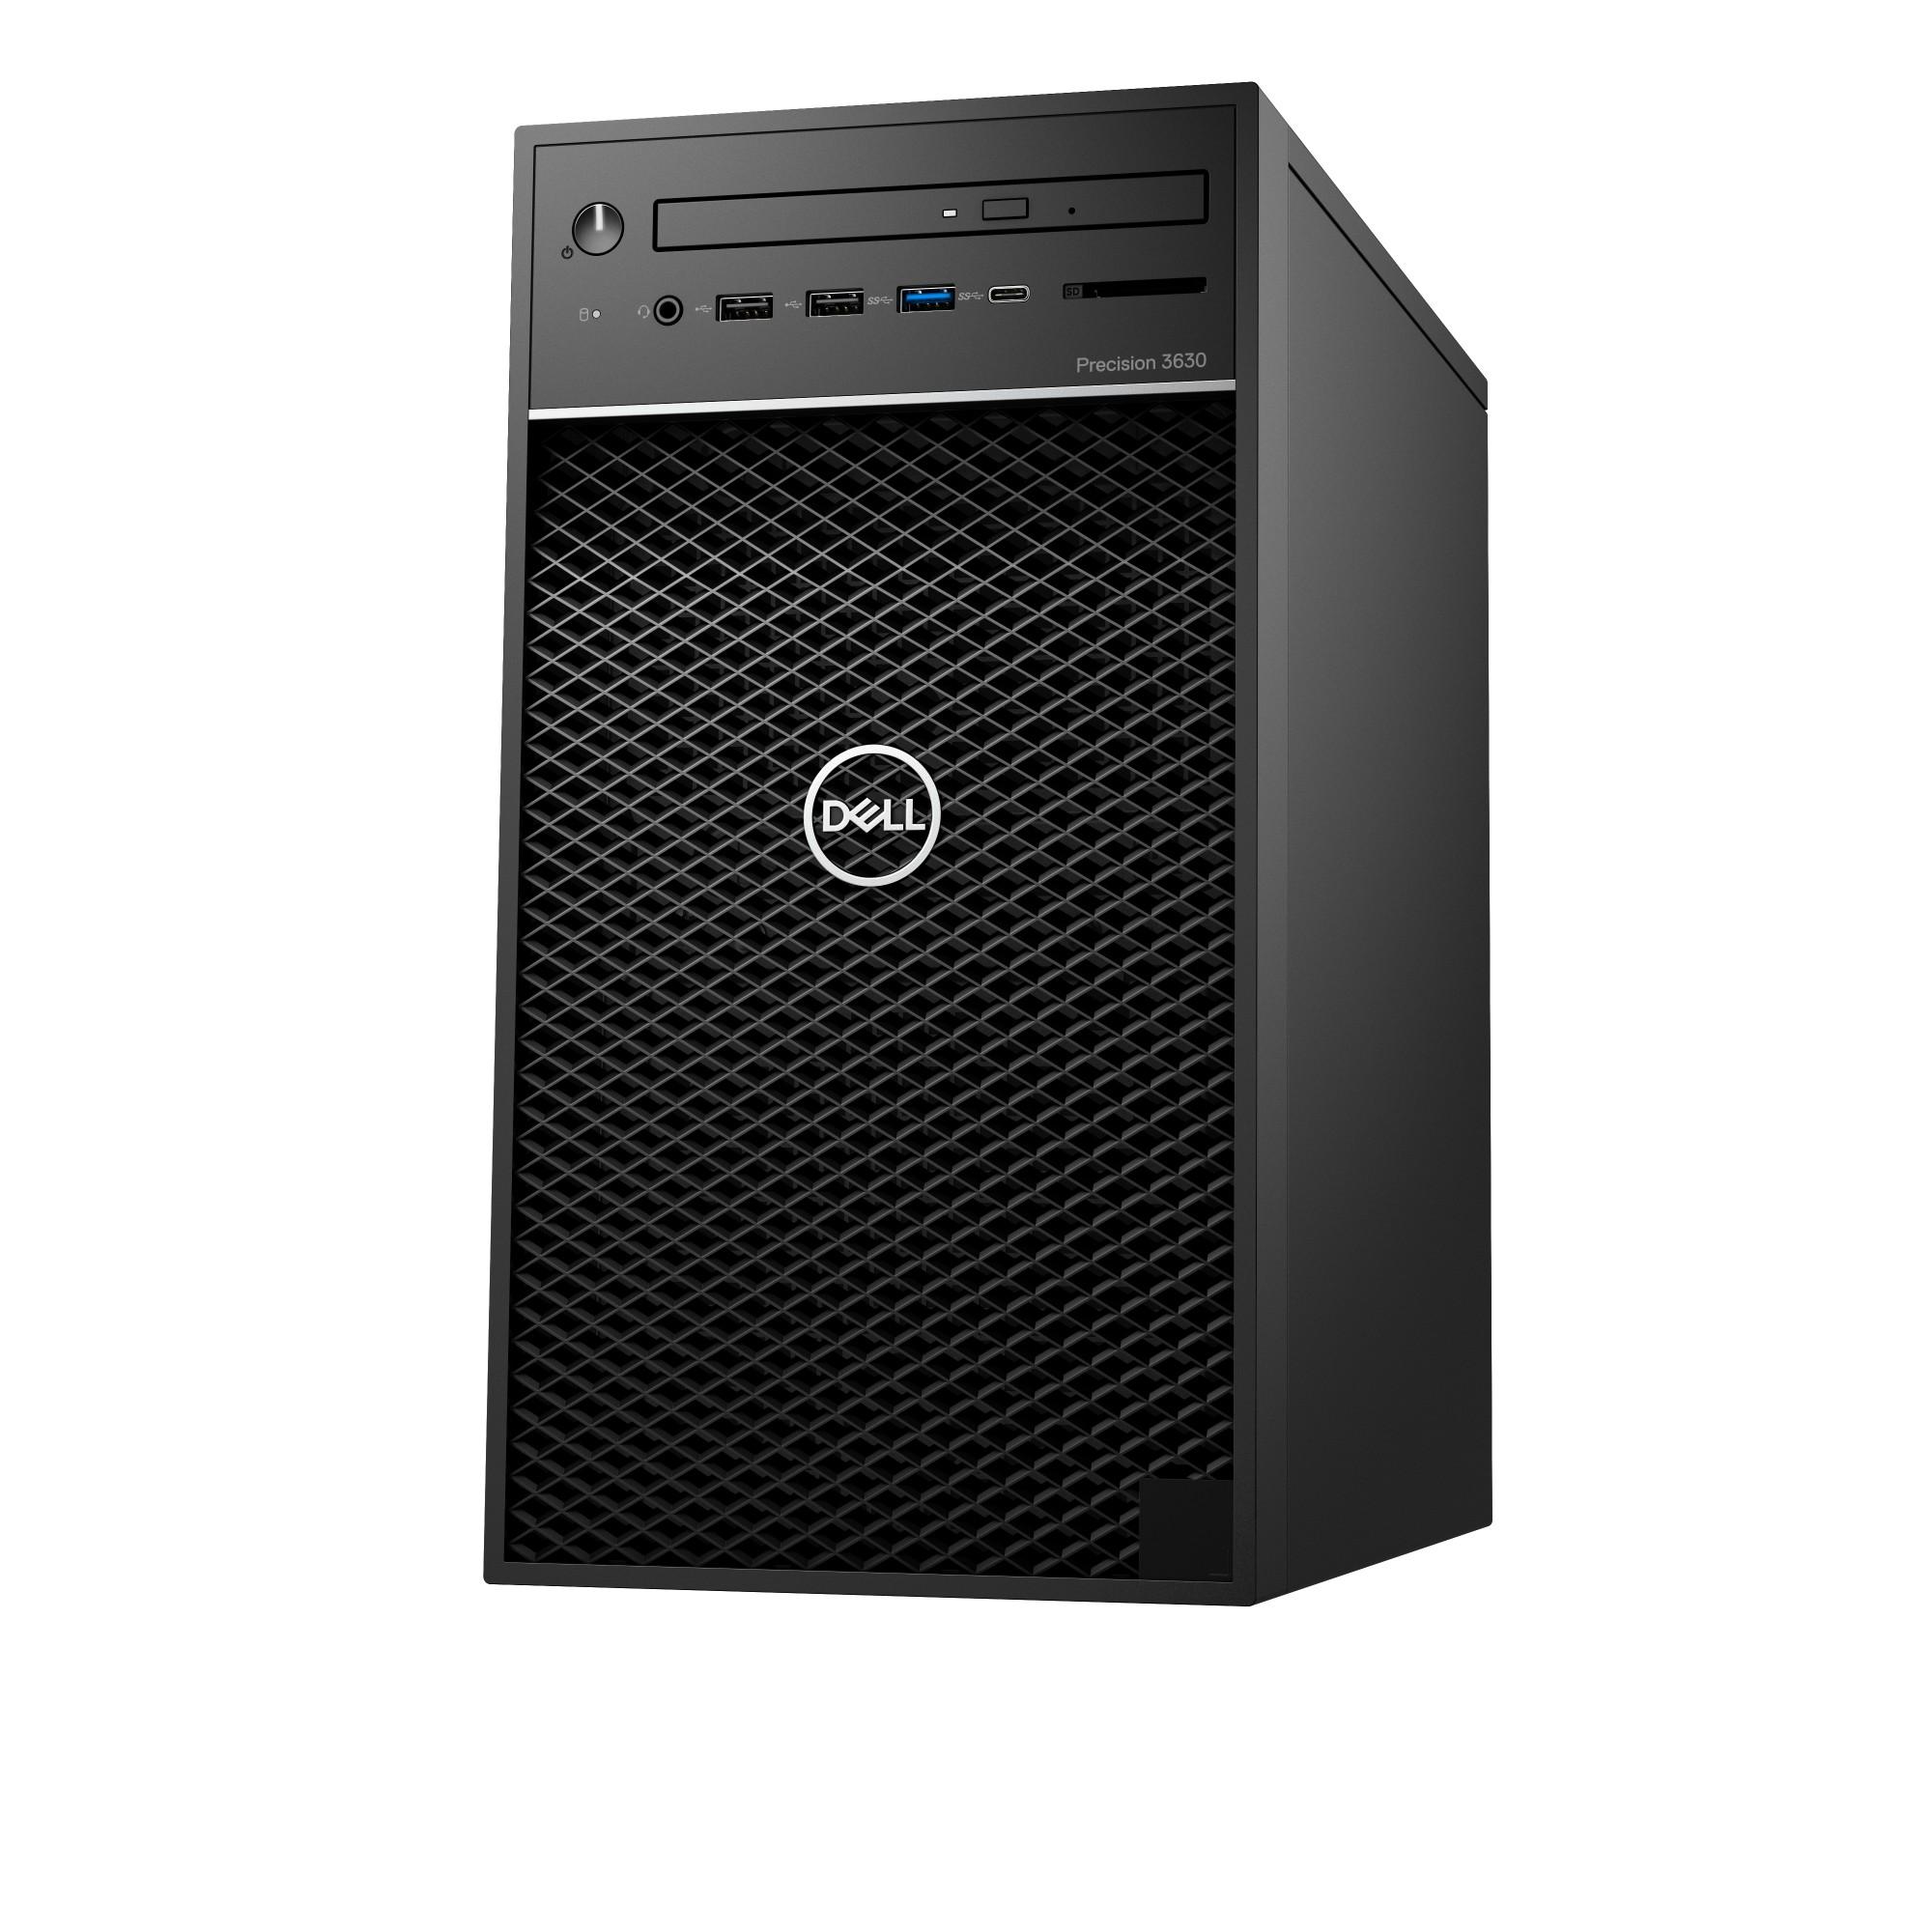 DELL Precision 3630 9th gen Intel® Core™ i7 i7-9700 8 GB DDR4-SDRAM 256 GB SSD Tower Black PC Windows 10 Pro